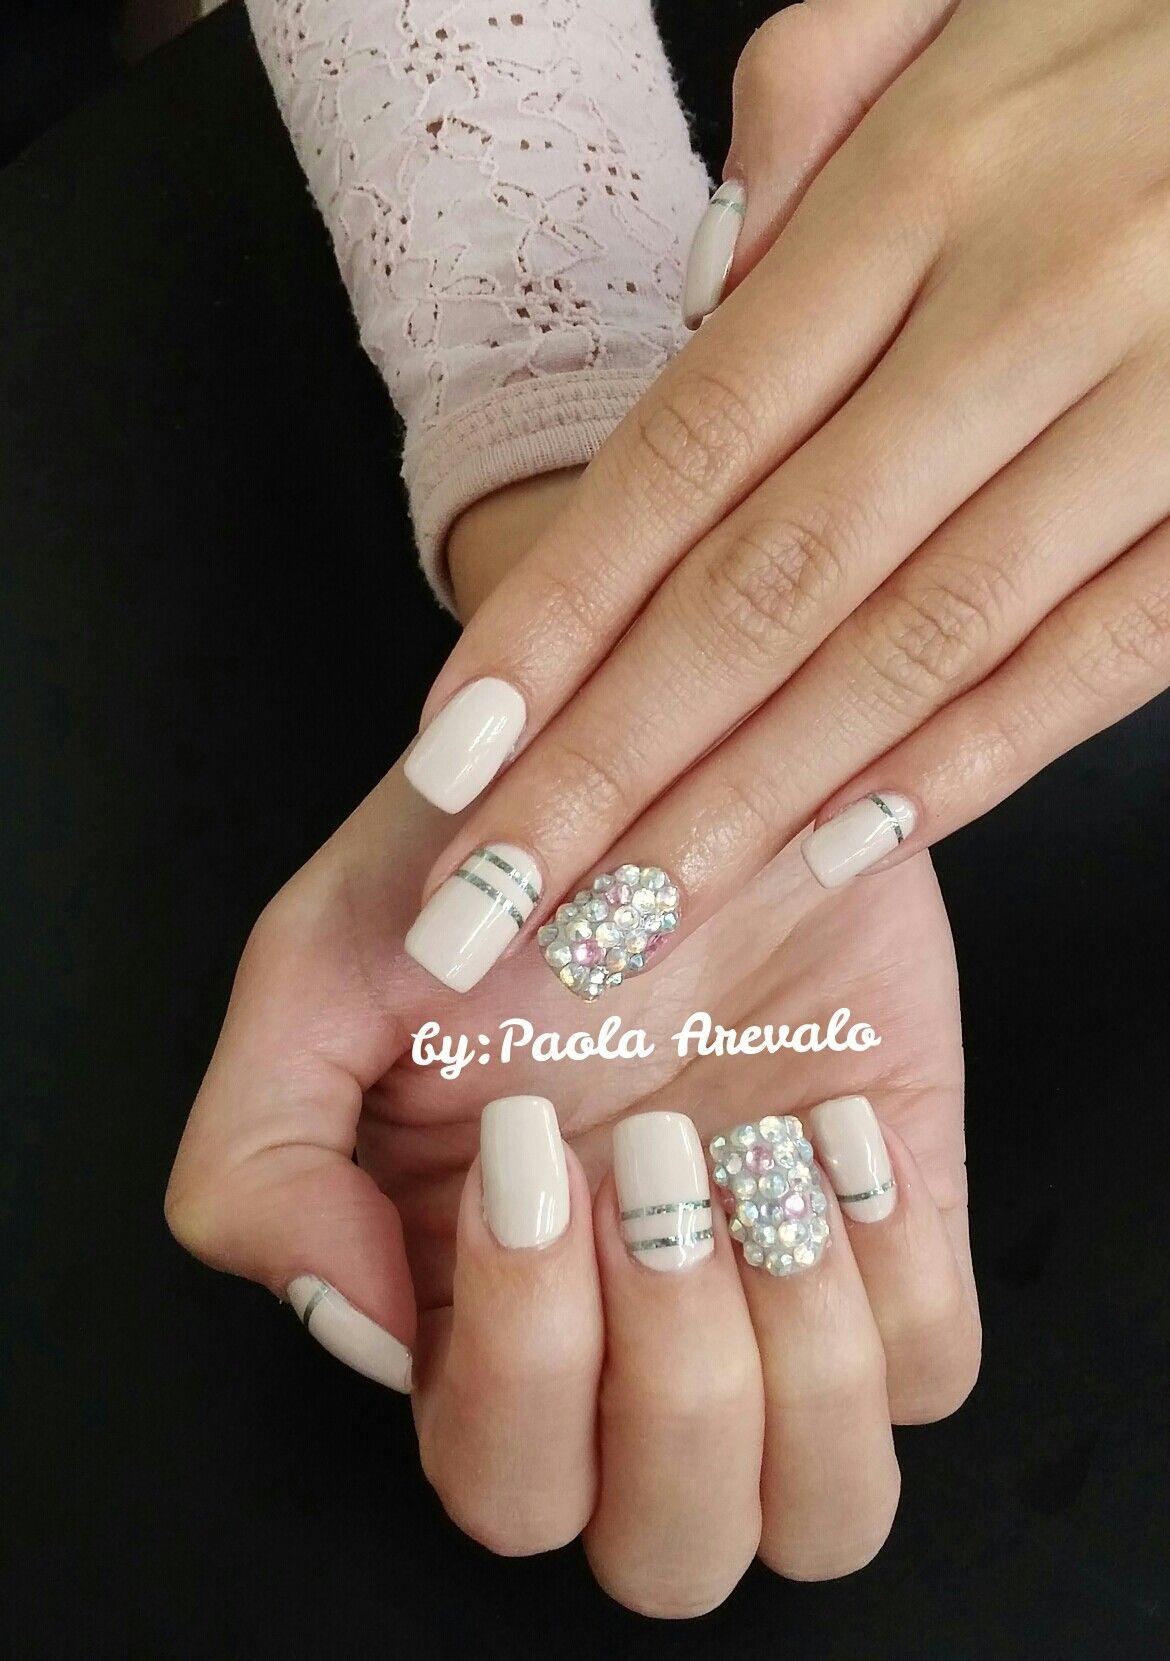 U as gelish beige con piedras nails by paola arevalo for Decoracion de canteros con piedras